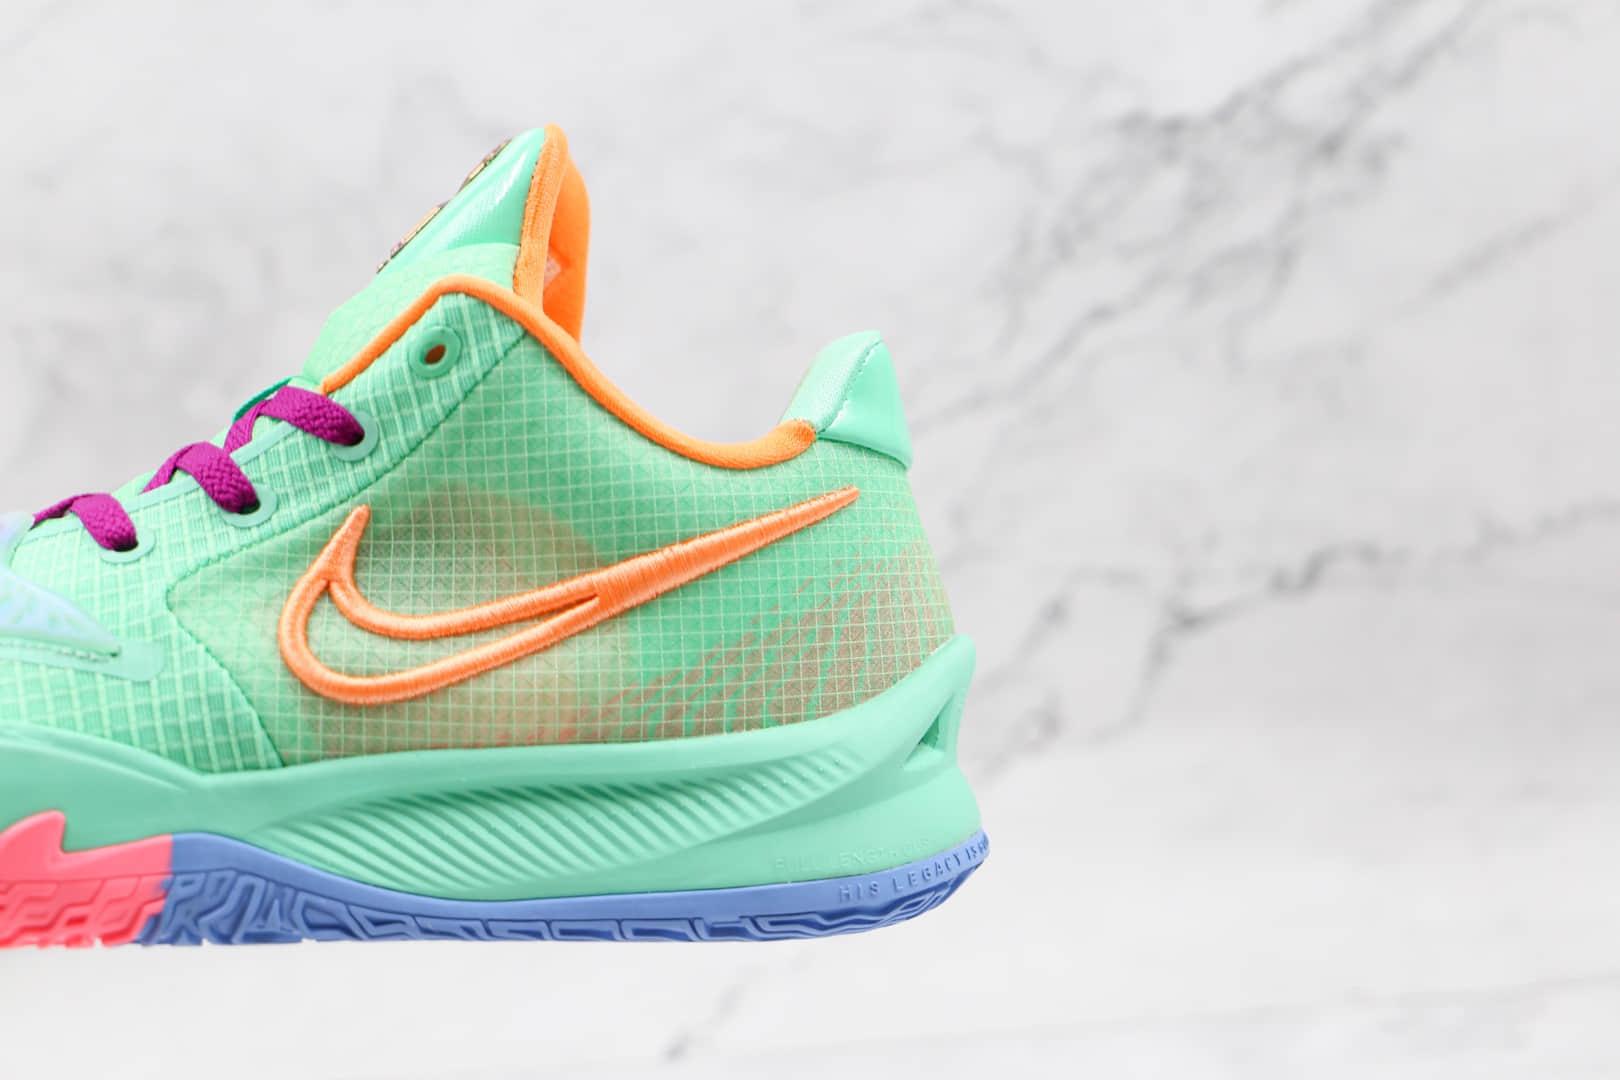 耐克Nike Kyrie 4 Low Ep公司级版本欧文4南海岸男子实战篮球鞋绿橙色内置气垫 货号:CZ0105-300